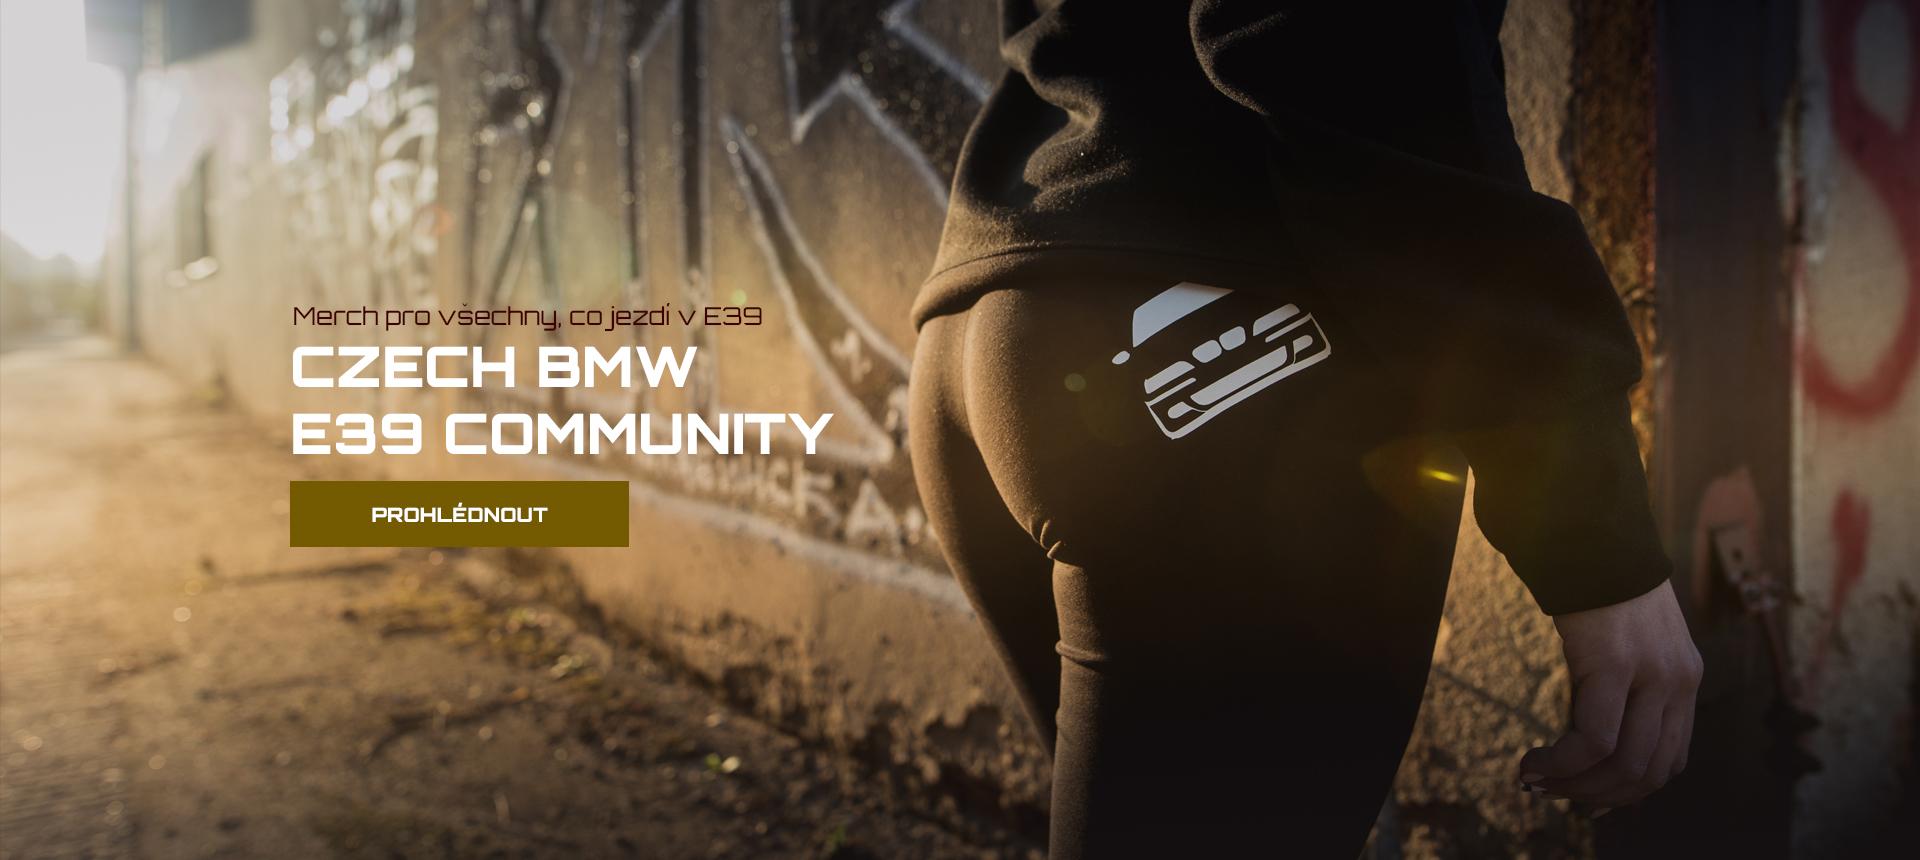 BMW E39 community